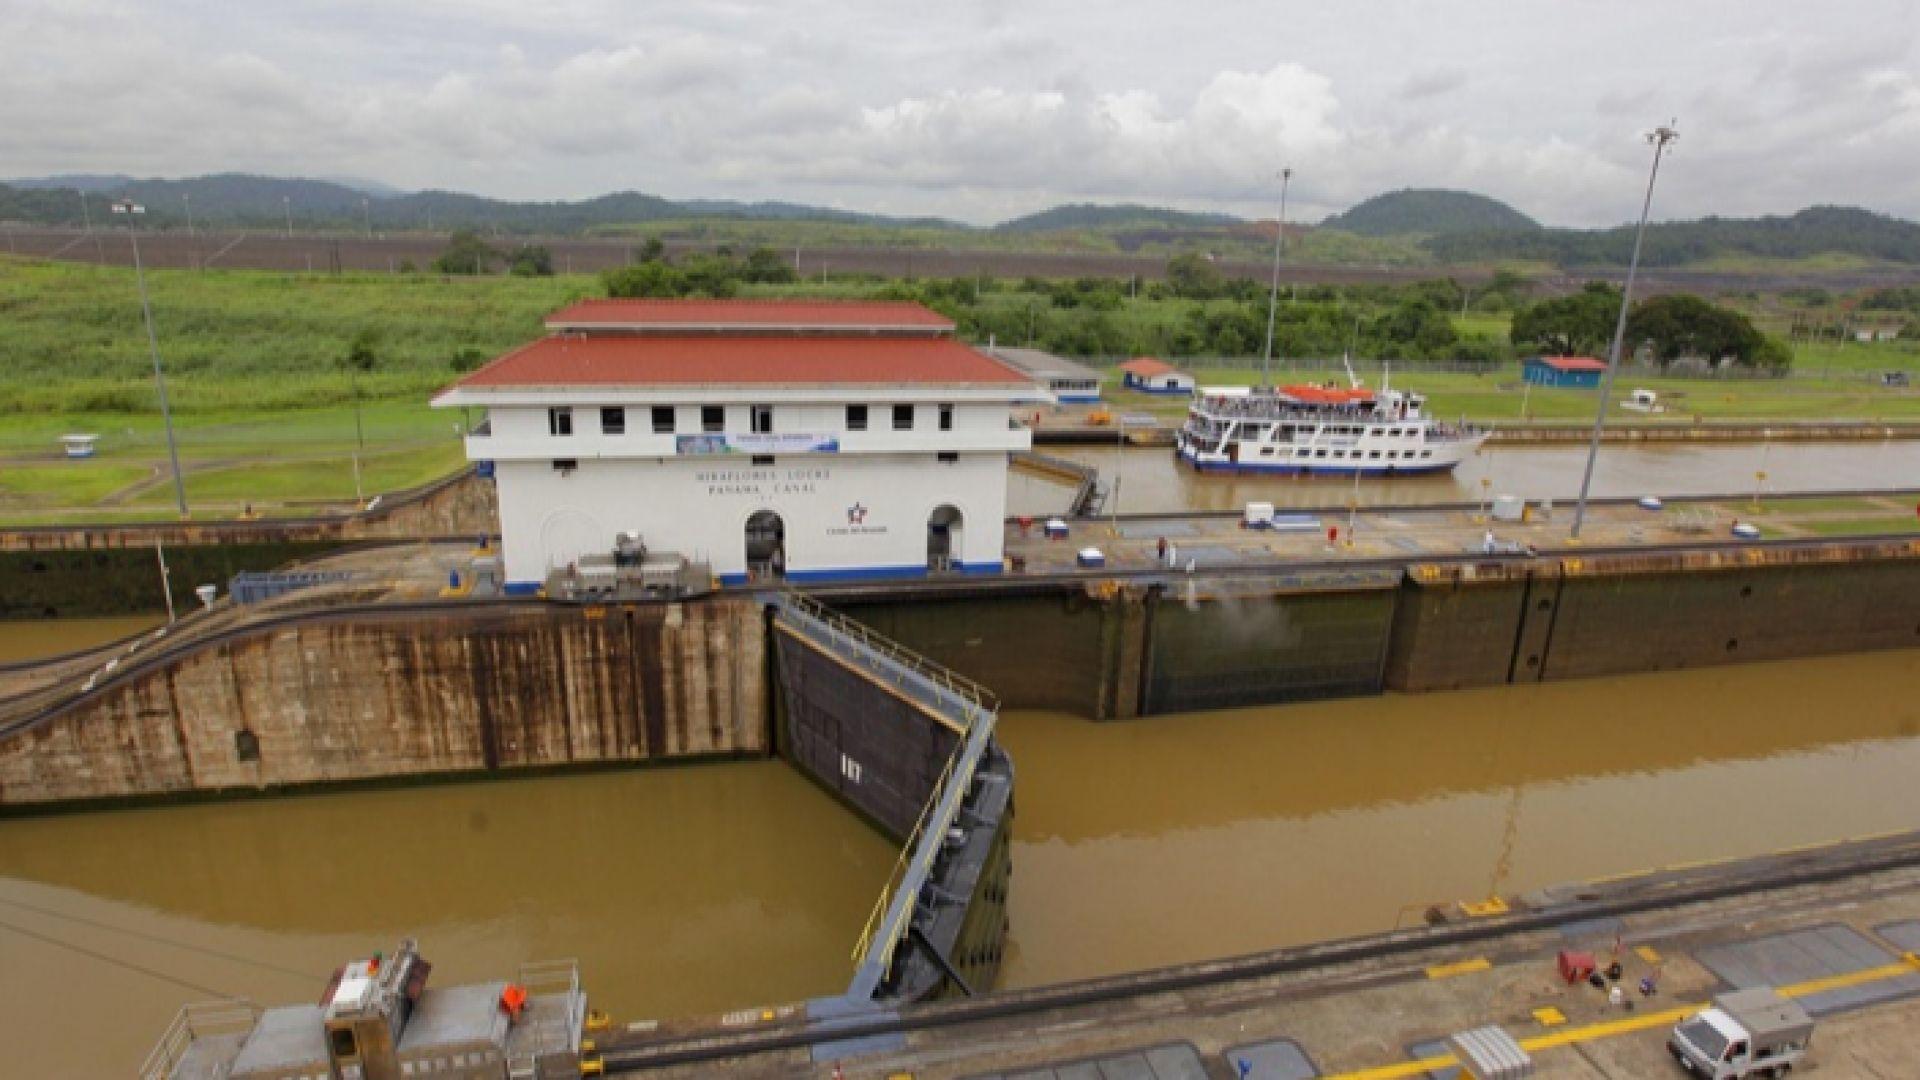 Липсата на валежи вдига таксата за корабите през Панамския канал